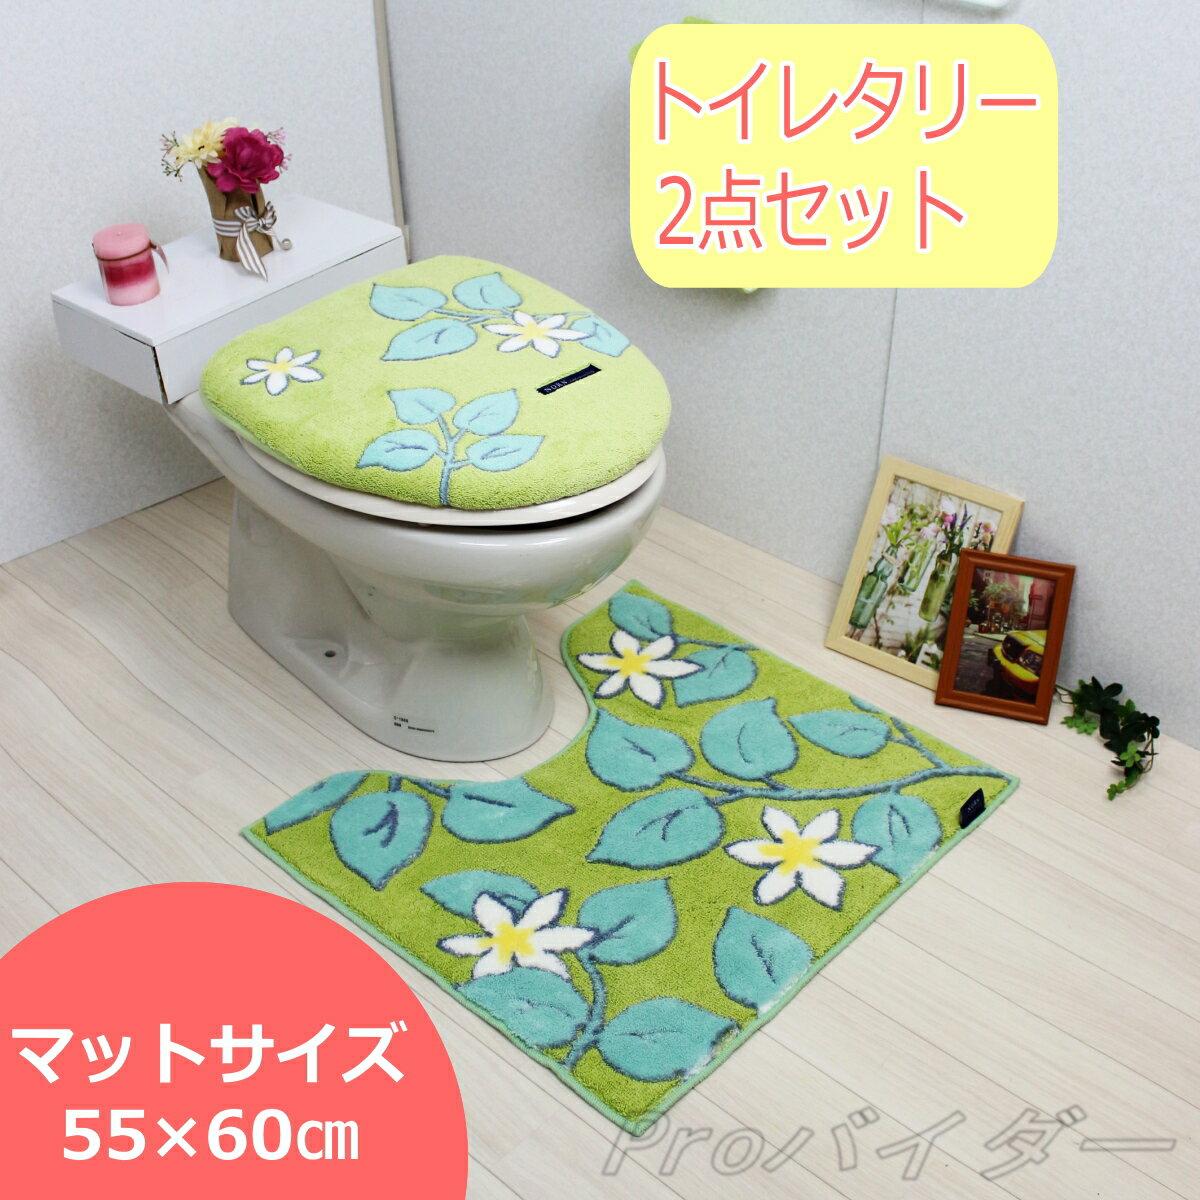 おしゃれ 北欧 トイレマット セット 2点 リーフ 洗浄暖房型 普通型 フタカバー グリーン オカ ノルン かわいい緑色 華やかなベージュの2色展開  10800円以上で送料無料